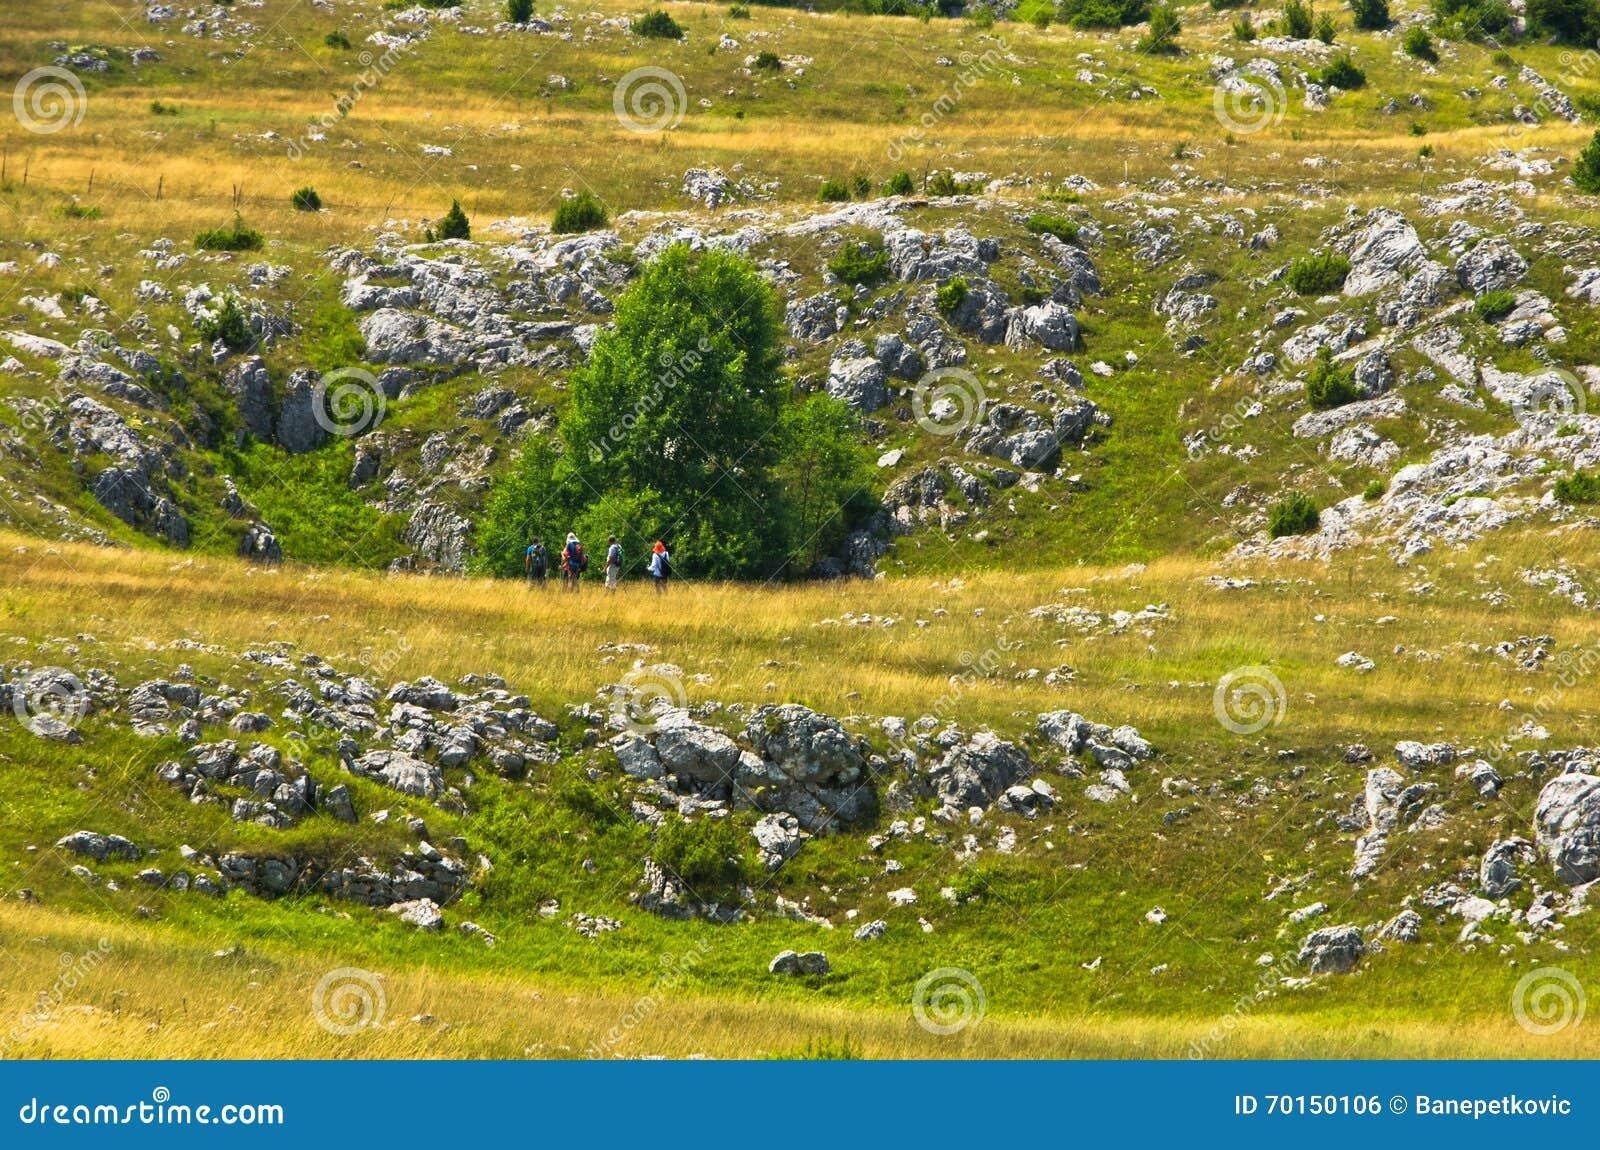 Os sinkholes do cársico, detalhe de chateam a paisagem do platô